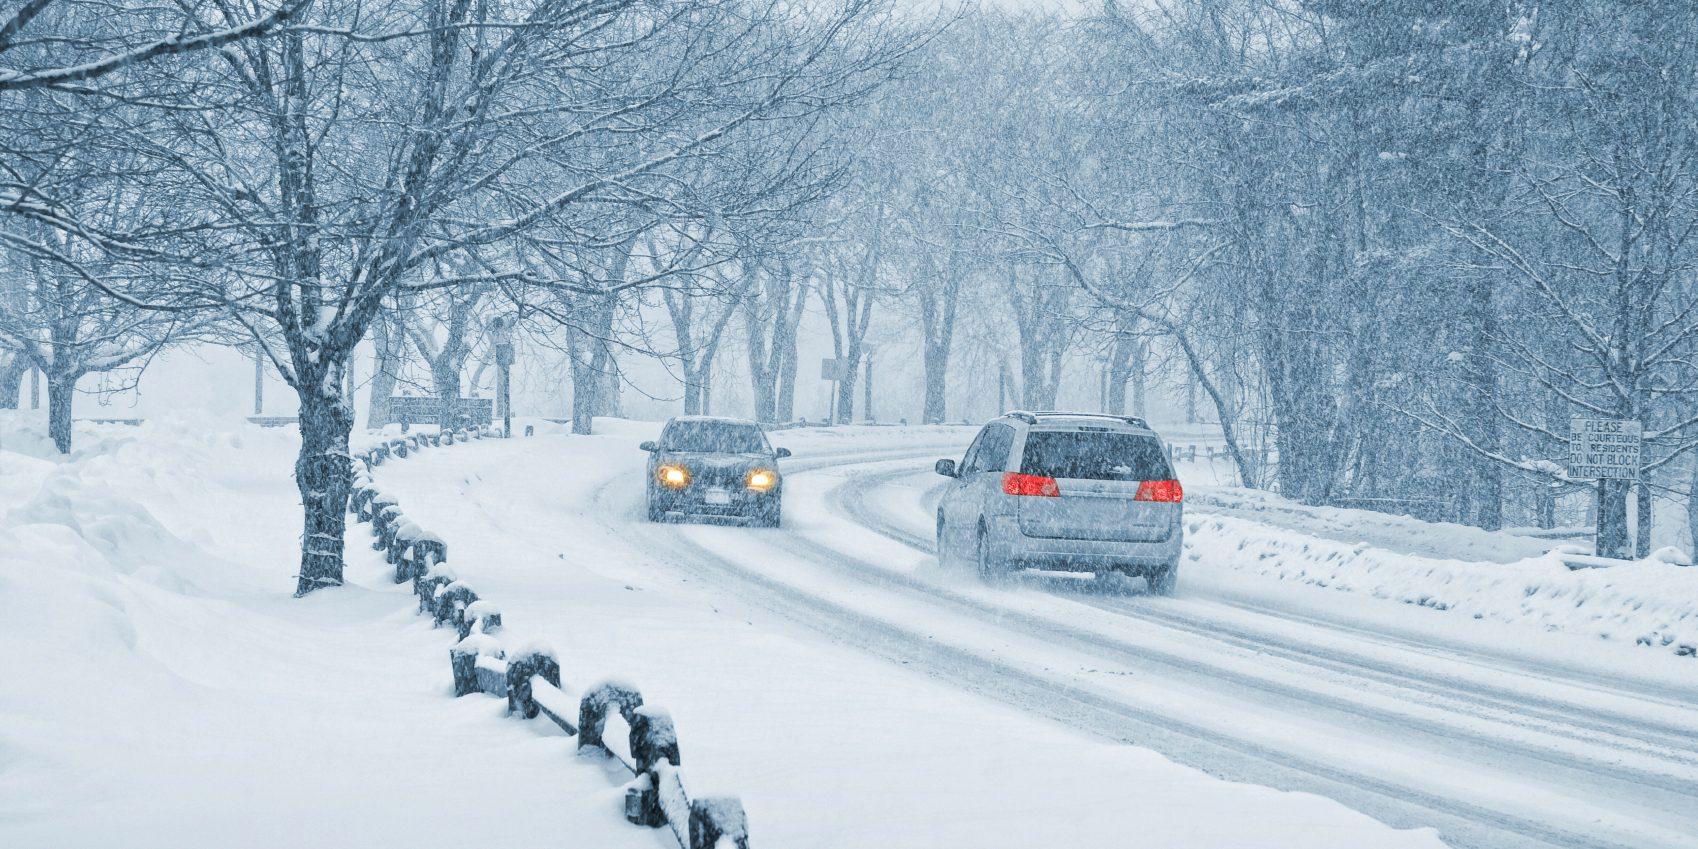 Госавтоинспекция Саратовской области напоминает водителям об особенностях вождения в зимний период